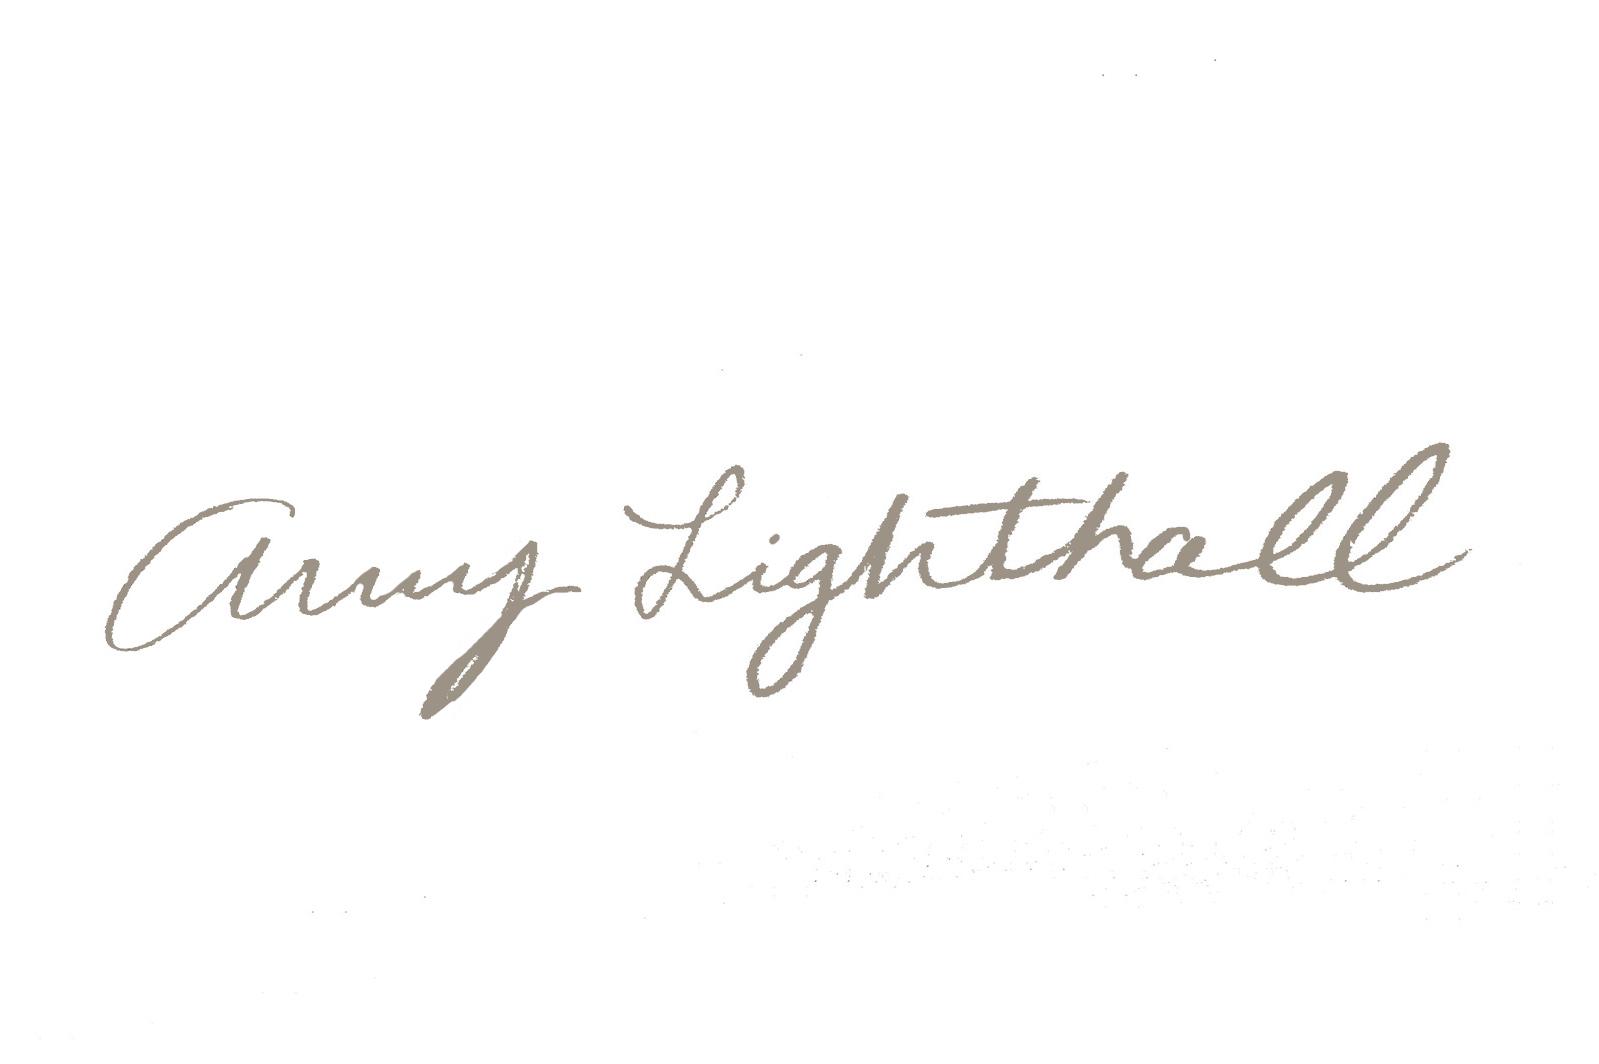 amy lighthall's Signature